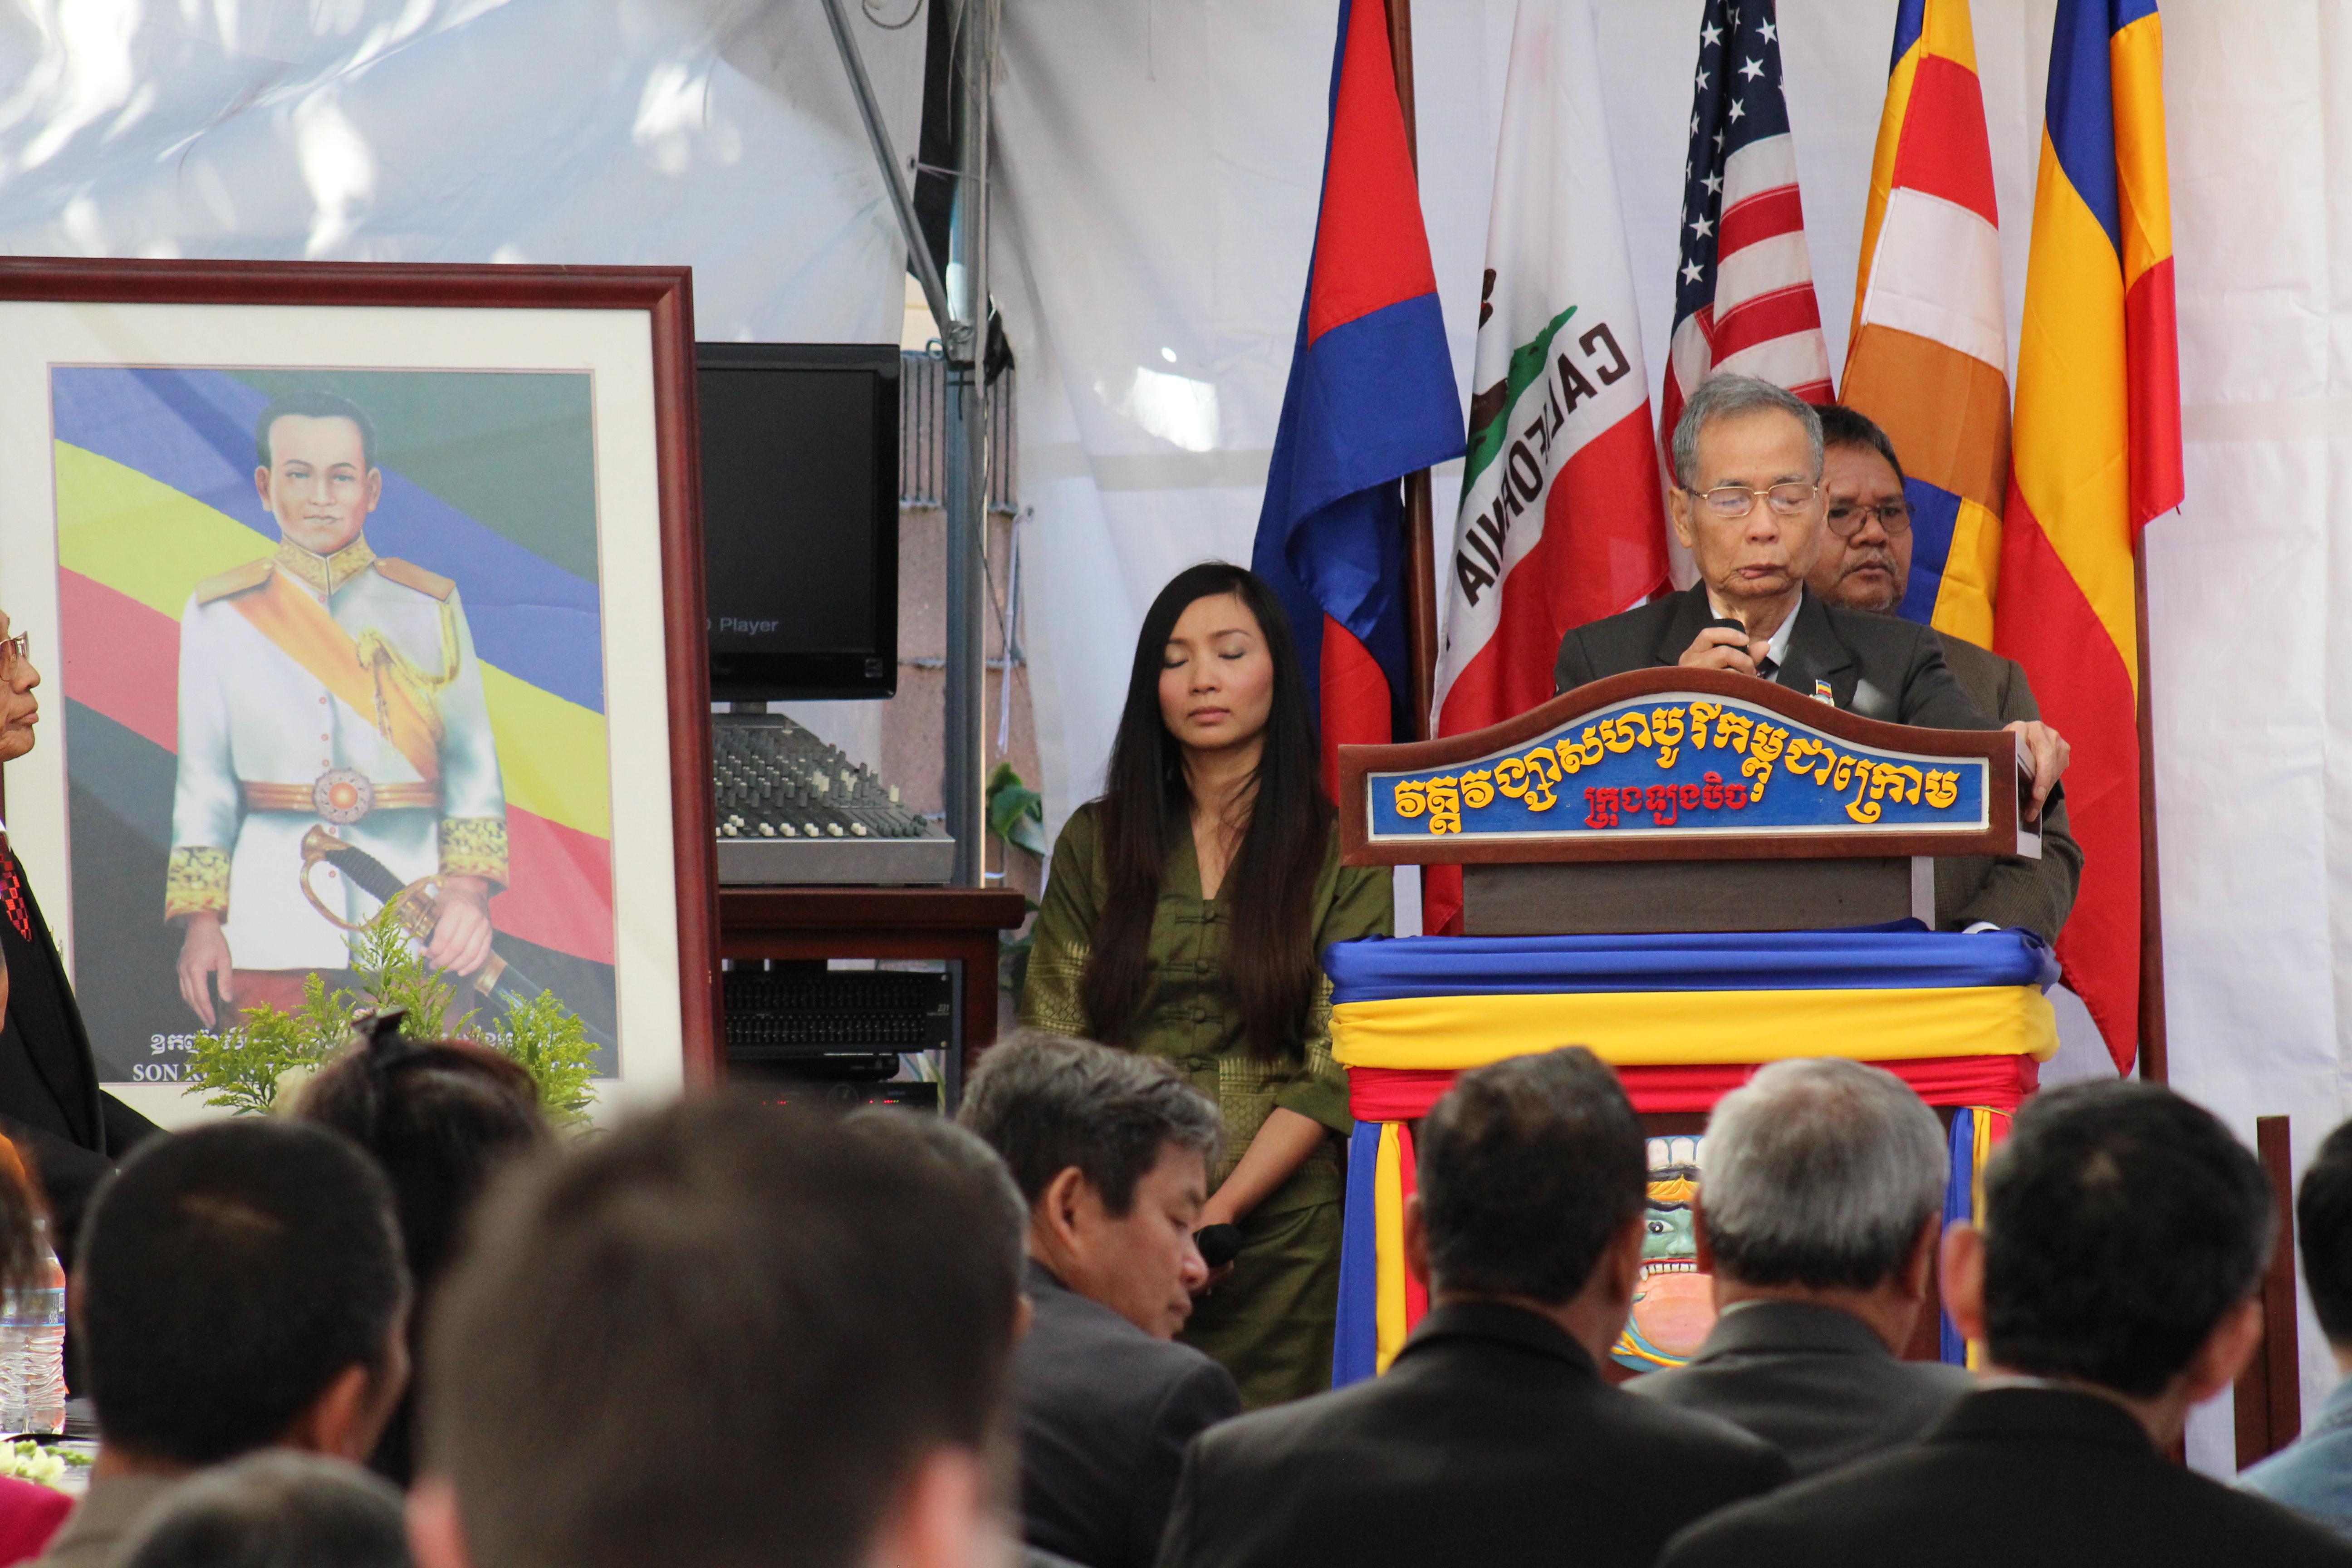 Thân Gởi Các Cháu Thanh Thiếu Niên, Học Sinh, Sinh Viên Khmer-Krom Tại Kampuchea-Krom Nhân Dịp Tết  Cổ Truyền Chol Chnam Thmay 2015